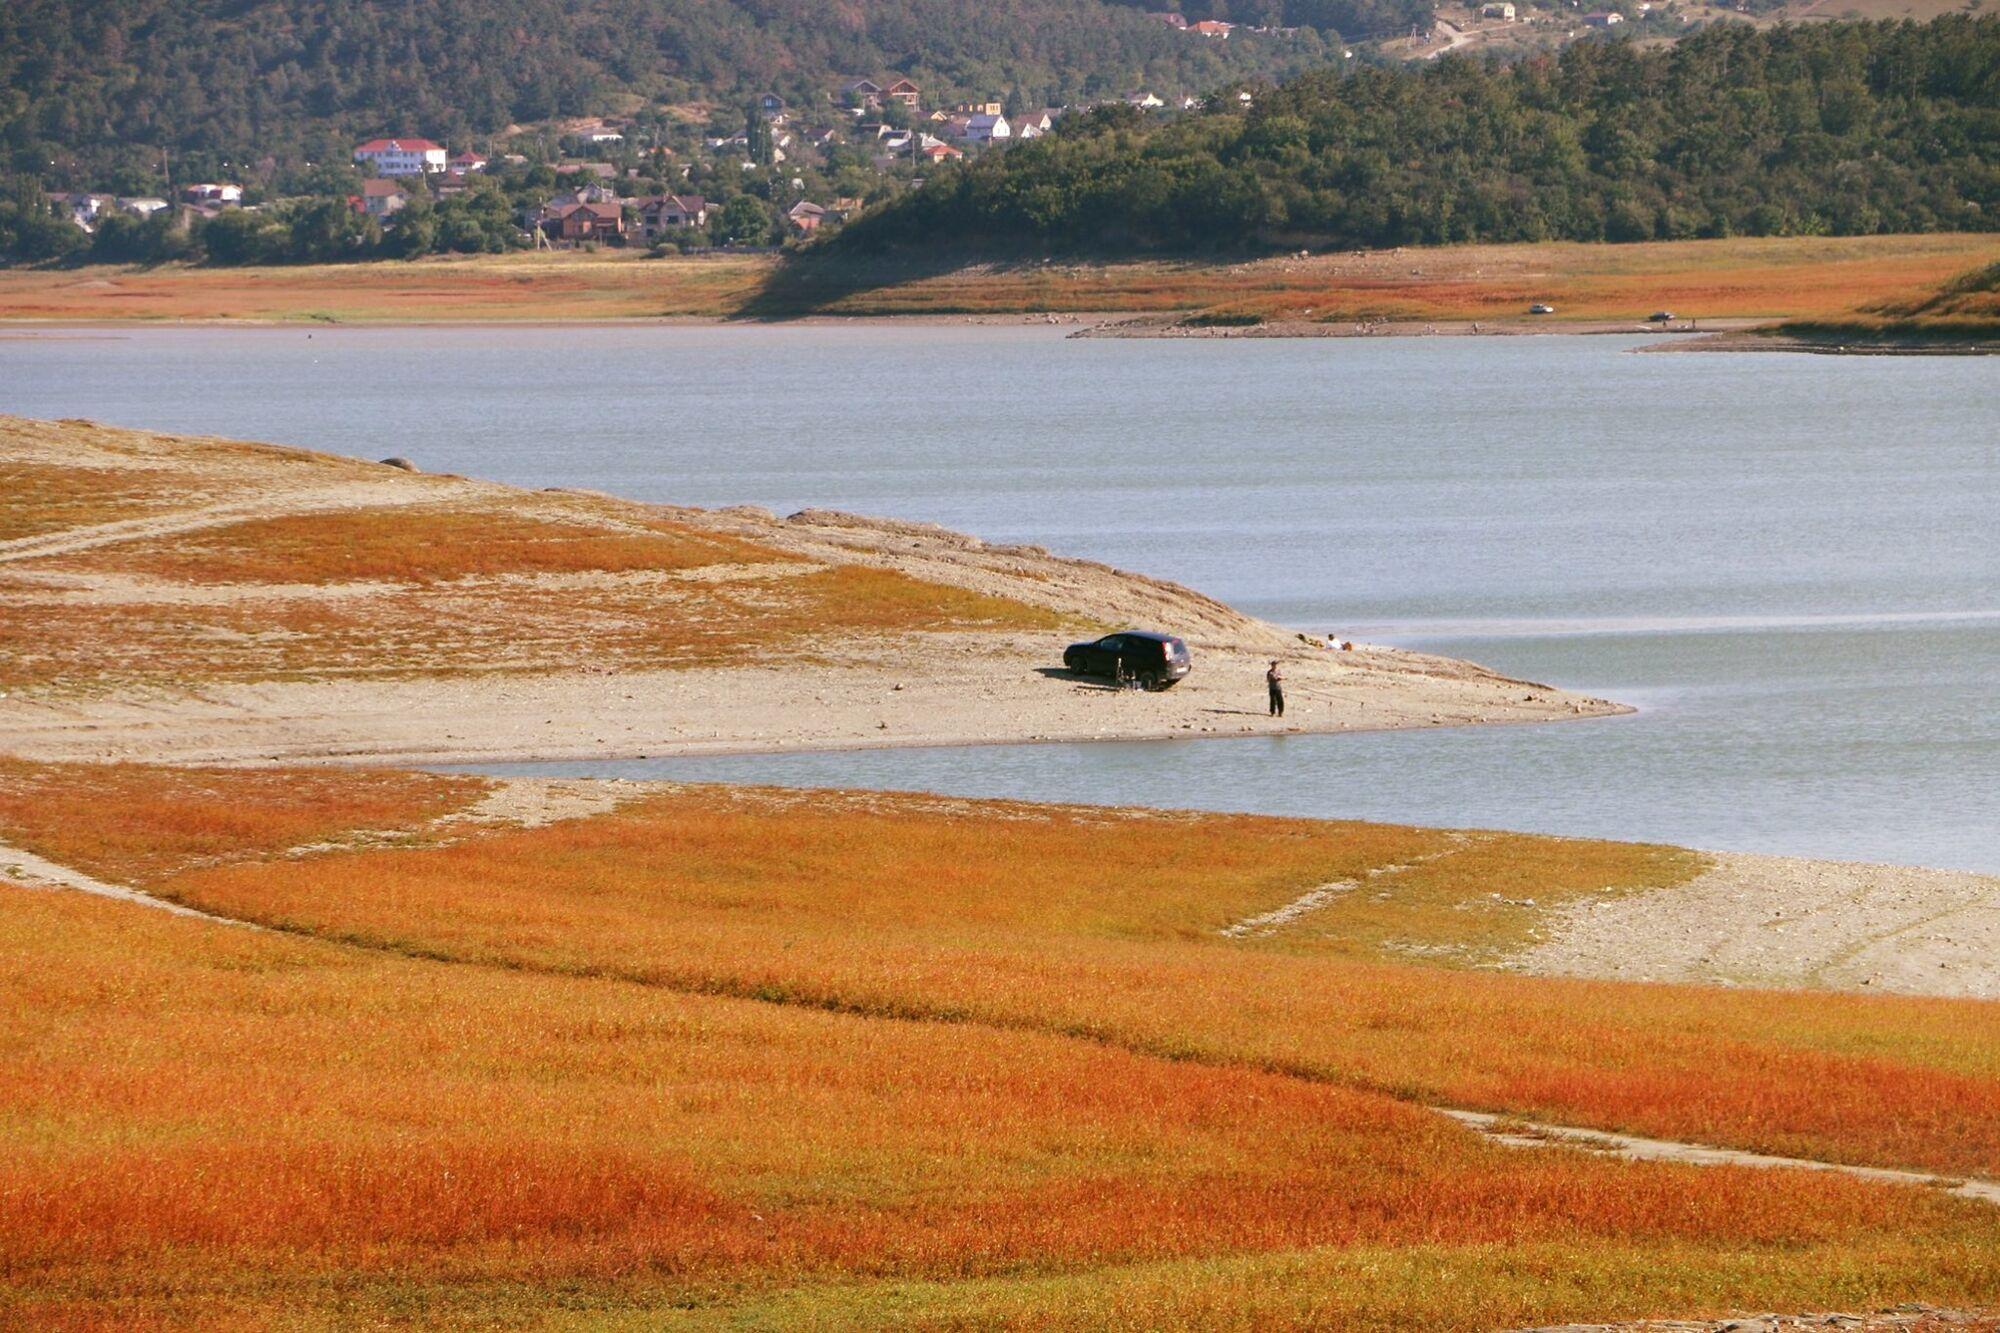 Загальний обсяг 14 водосховищ в Криму склав трохи більше 46 млн кубометрів